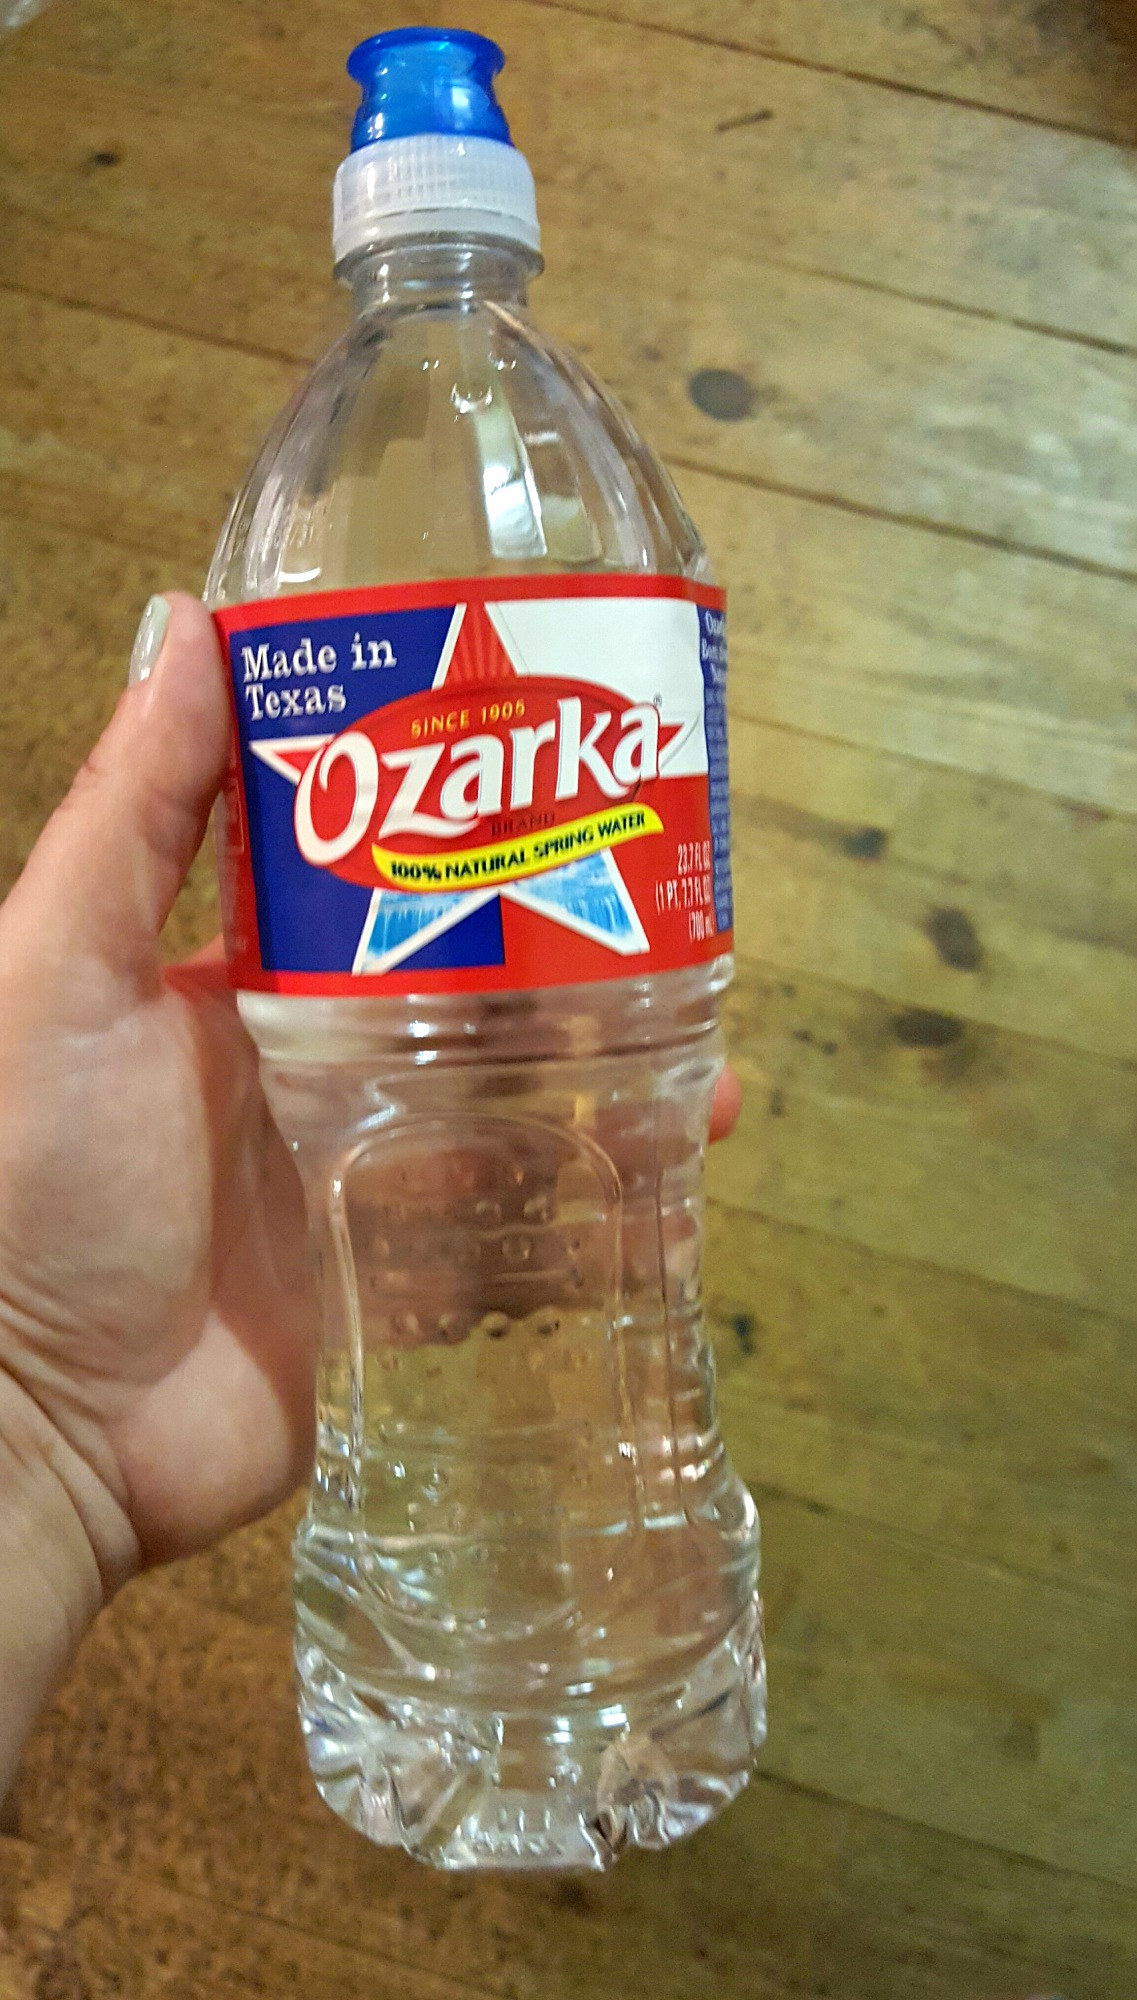 ozarka-vianneyrodriguez